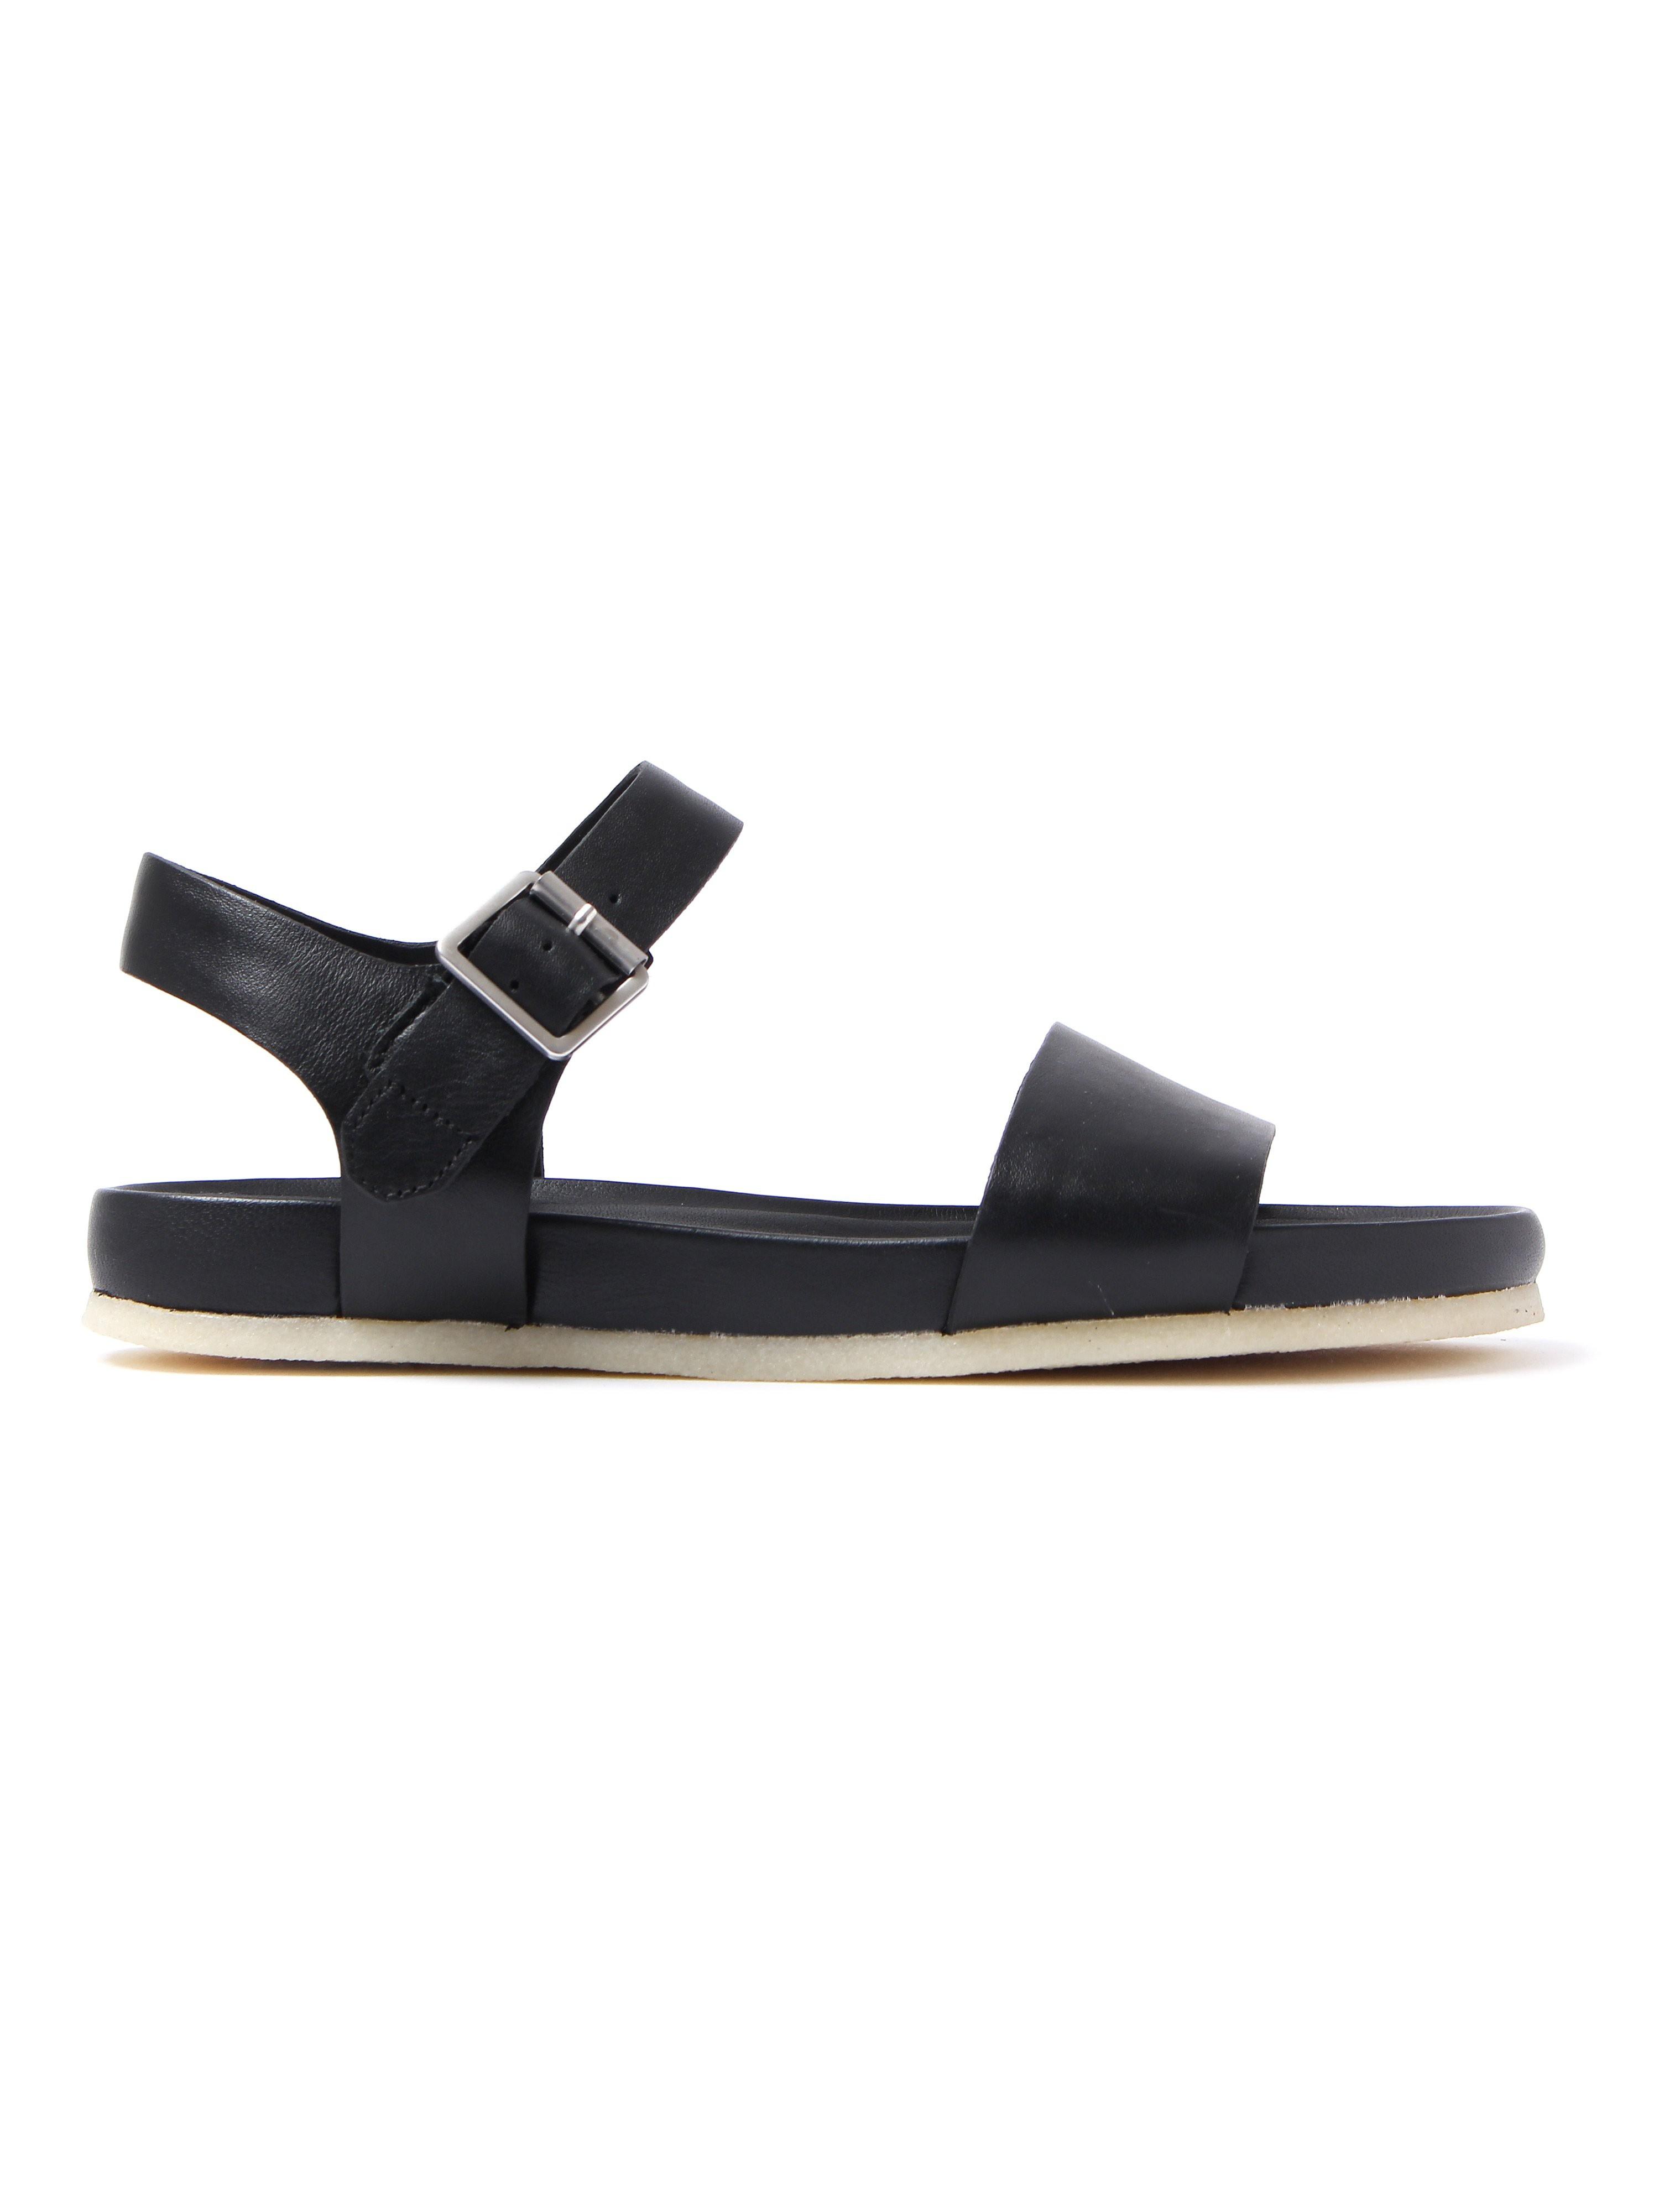 Clarks Originals Women's Dusty Soul Leather Casual Sandals - Black